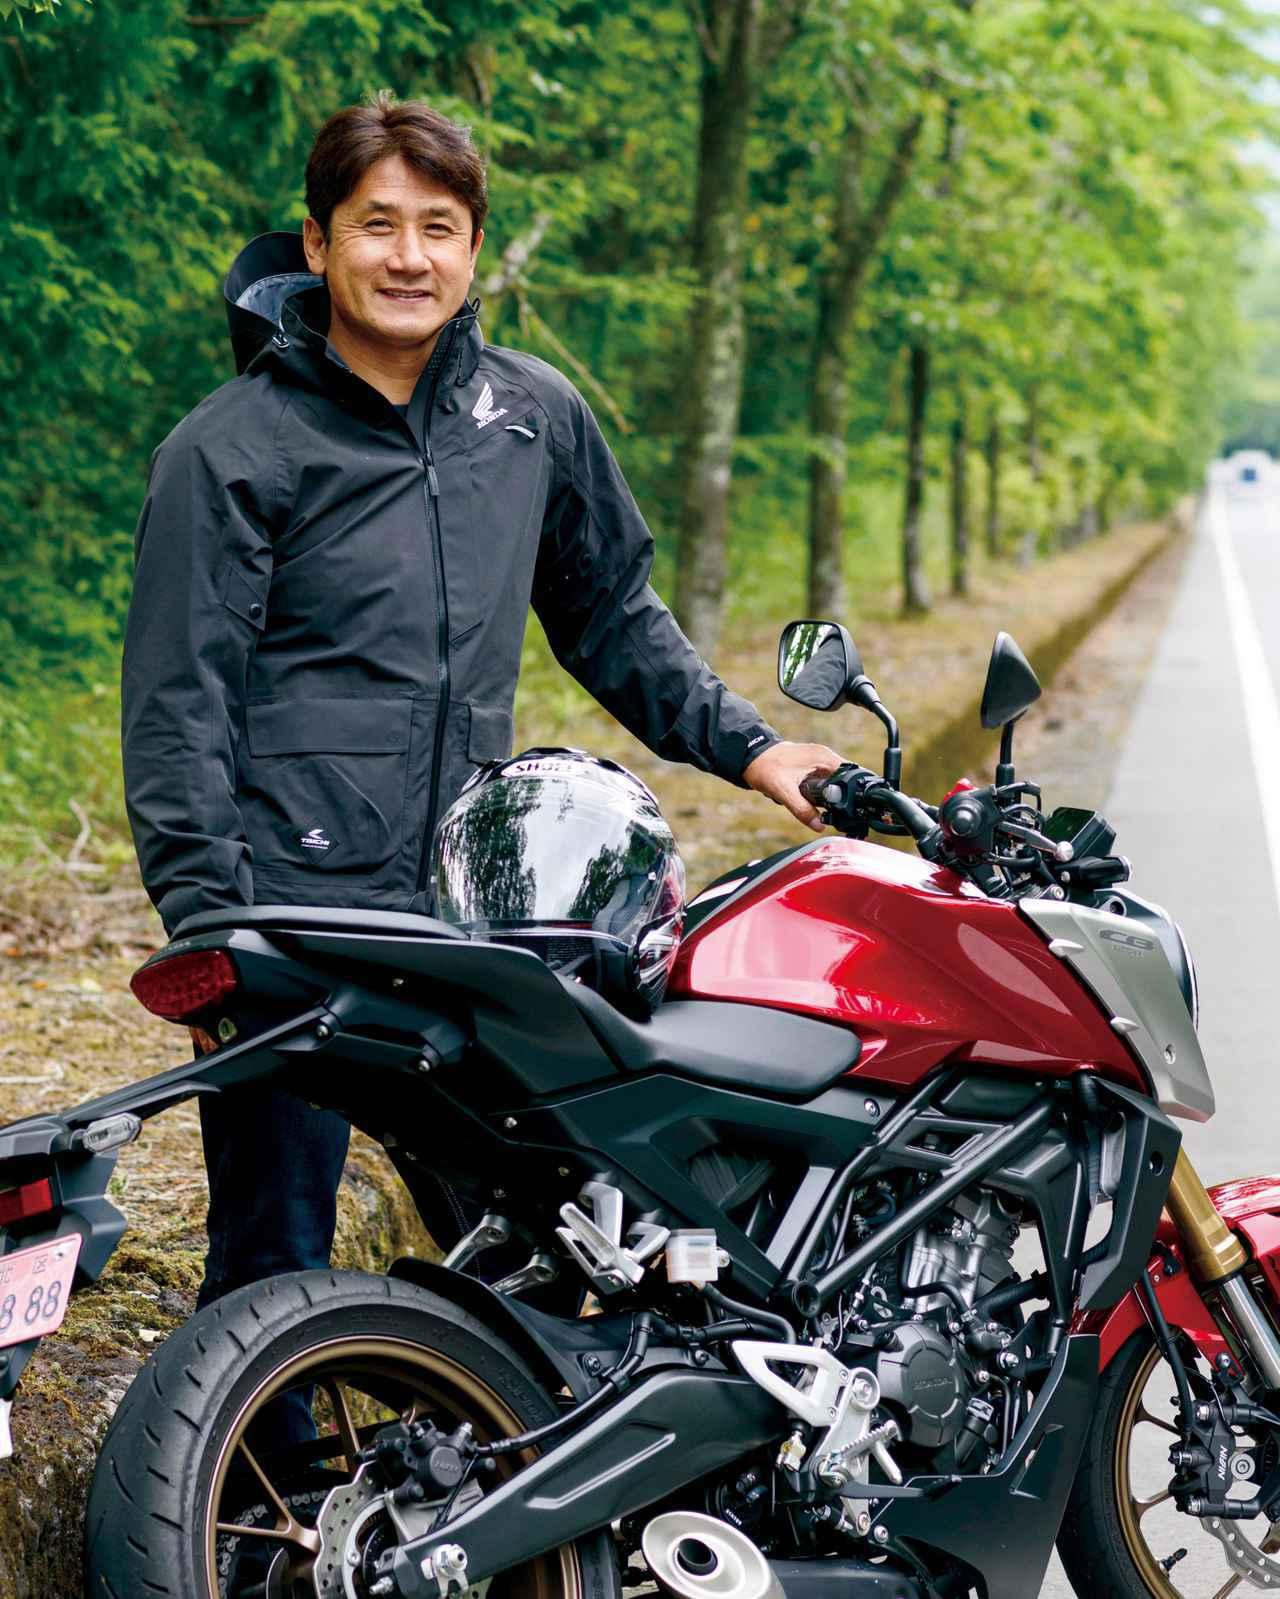 画像: 伊藤真一(いとうしんいち) 1966年、宮城県生まれ。88年ジュニアから国際A級に昇格と同時にHRCワークスチームに抜擢される。以降、WGP500クラスの参戦や、全日本ロードレース選手権、鈴鹿8耐で長年活躍。2021年は監督としてAstemo Honda Dream SI Racingを率いてJSB1000、ST1000クラスなどに参戦!